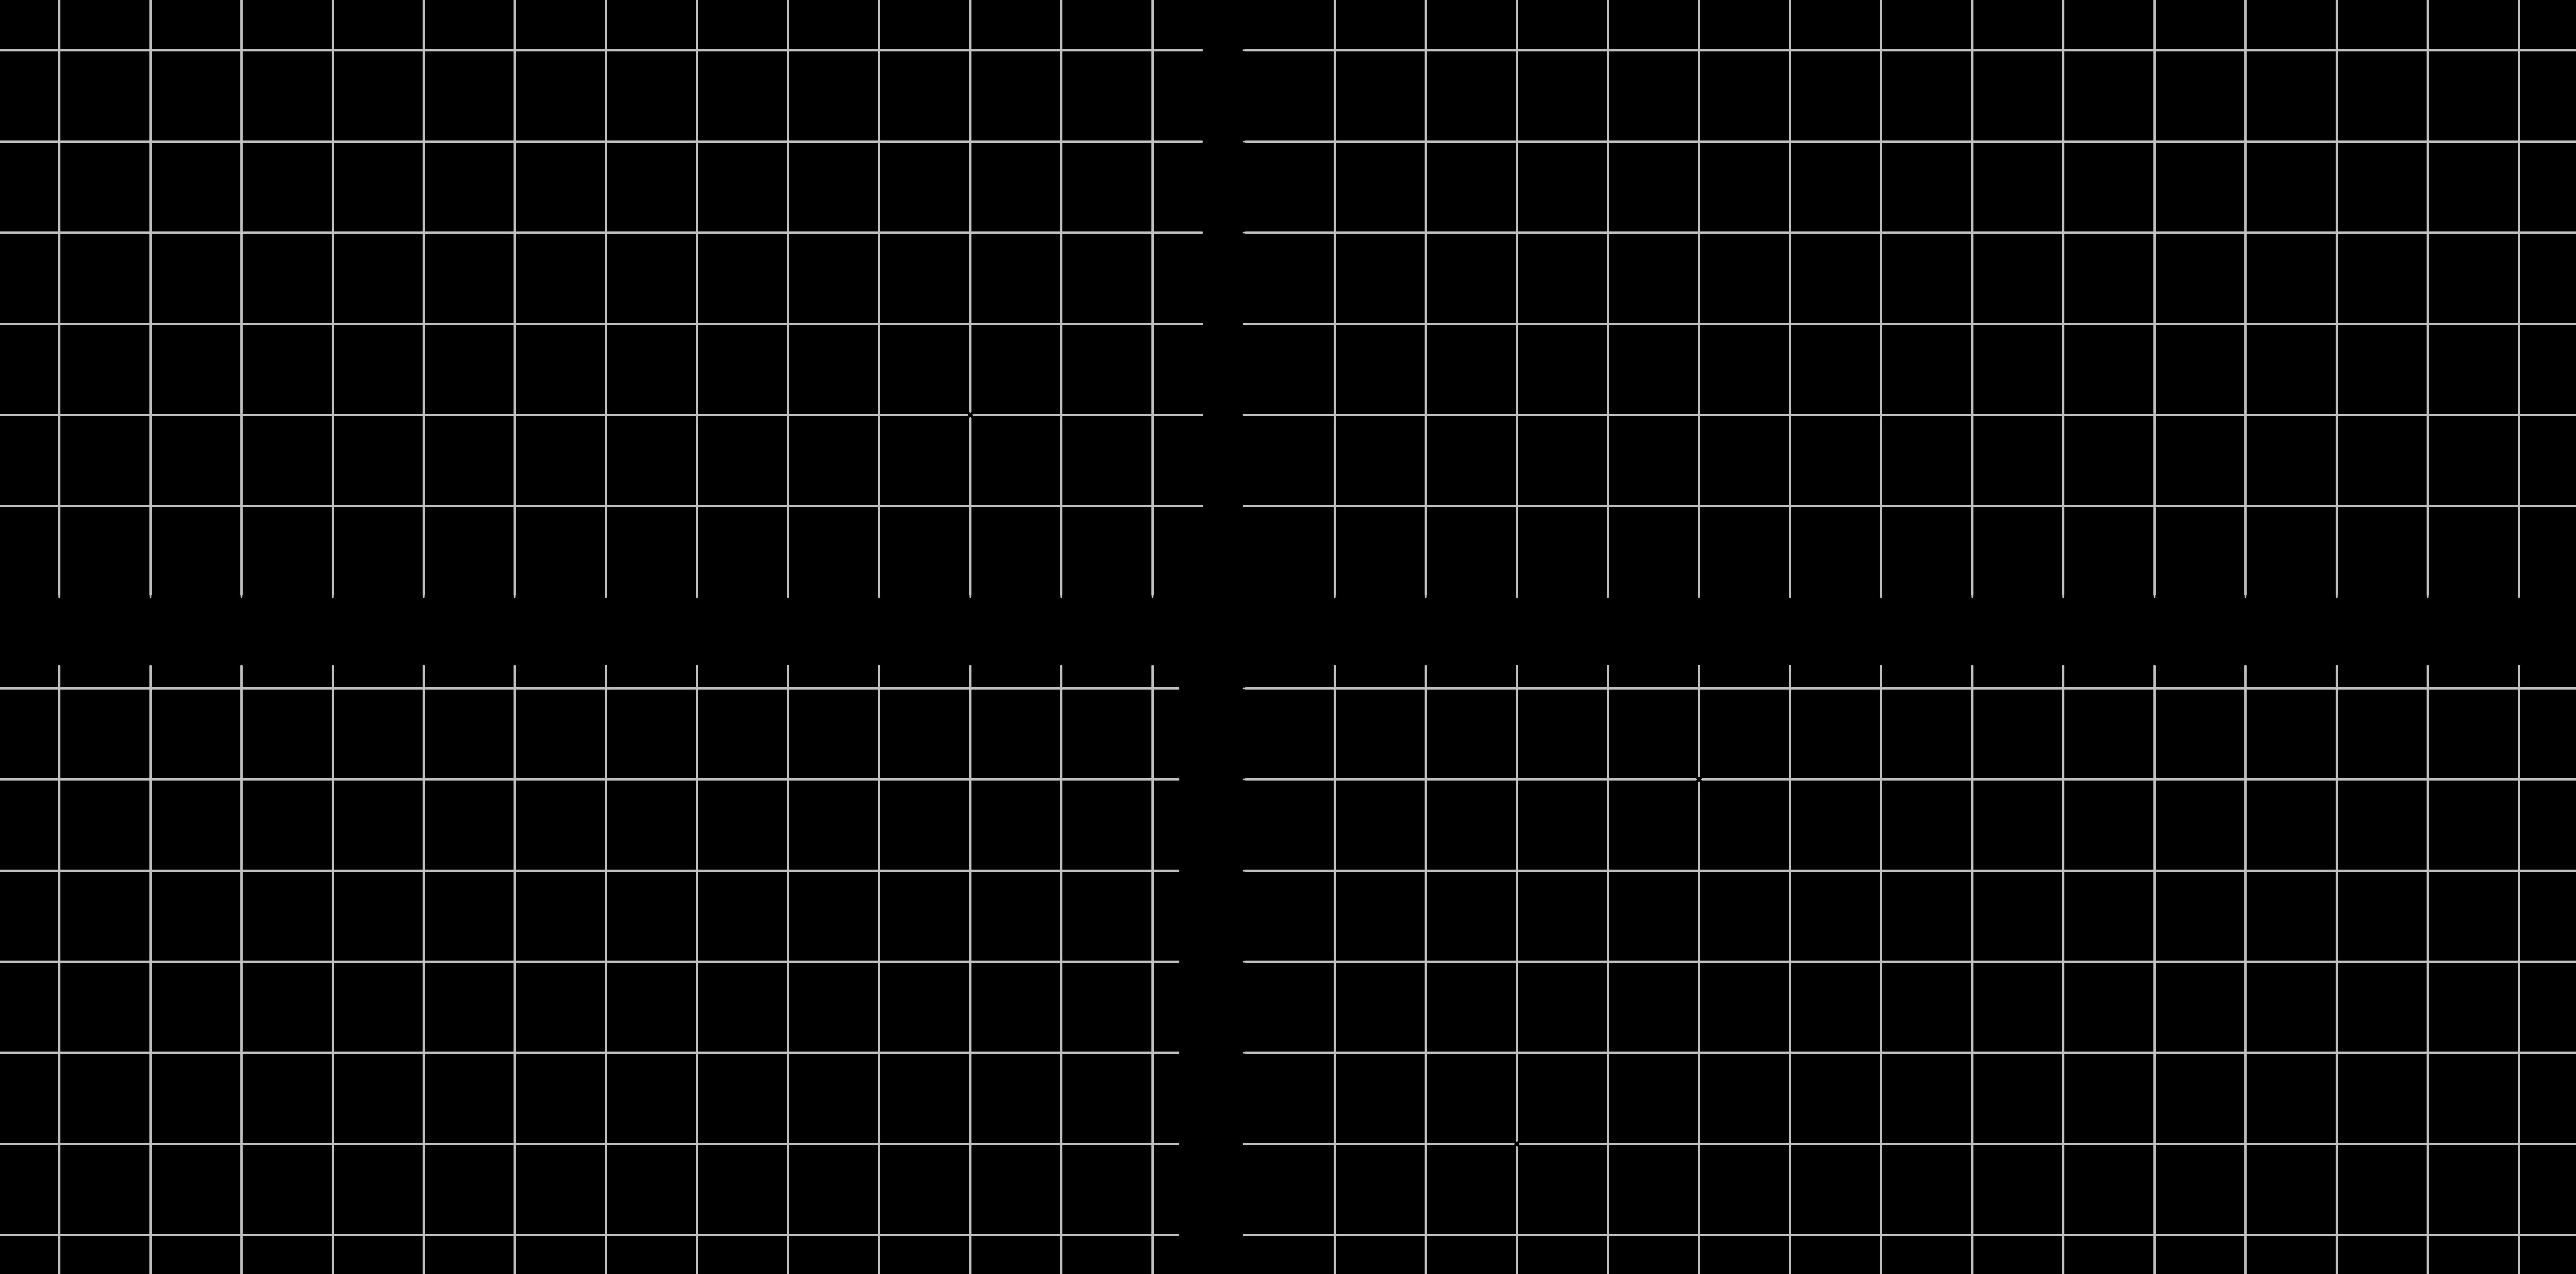 Mathplace exercice_5e_nombre_relatif02a Exercice 6 : placer les points dans un repère